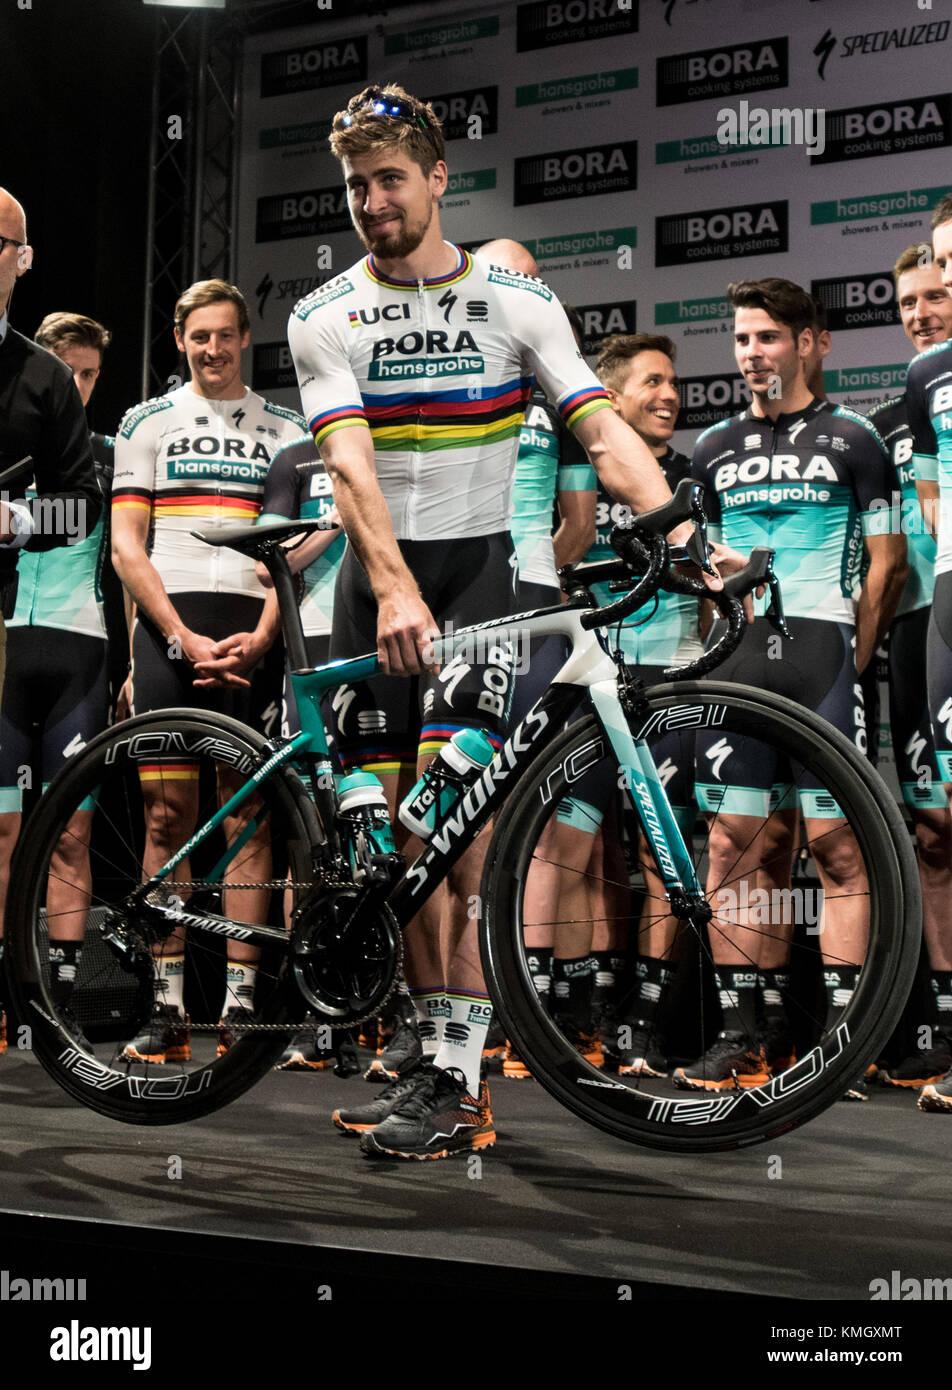 Peter Sagan der Bora - Hansgrohe Team stellt während der ...